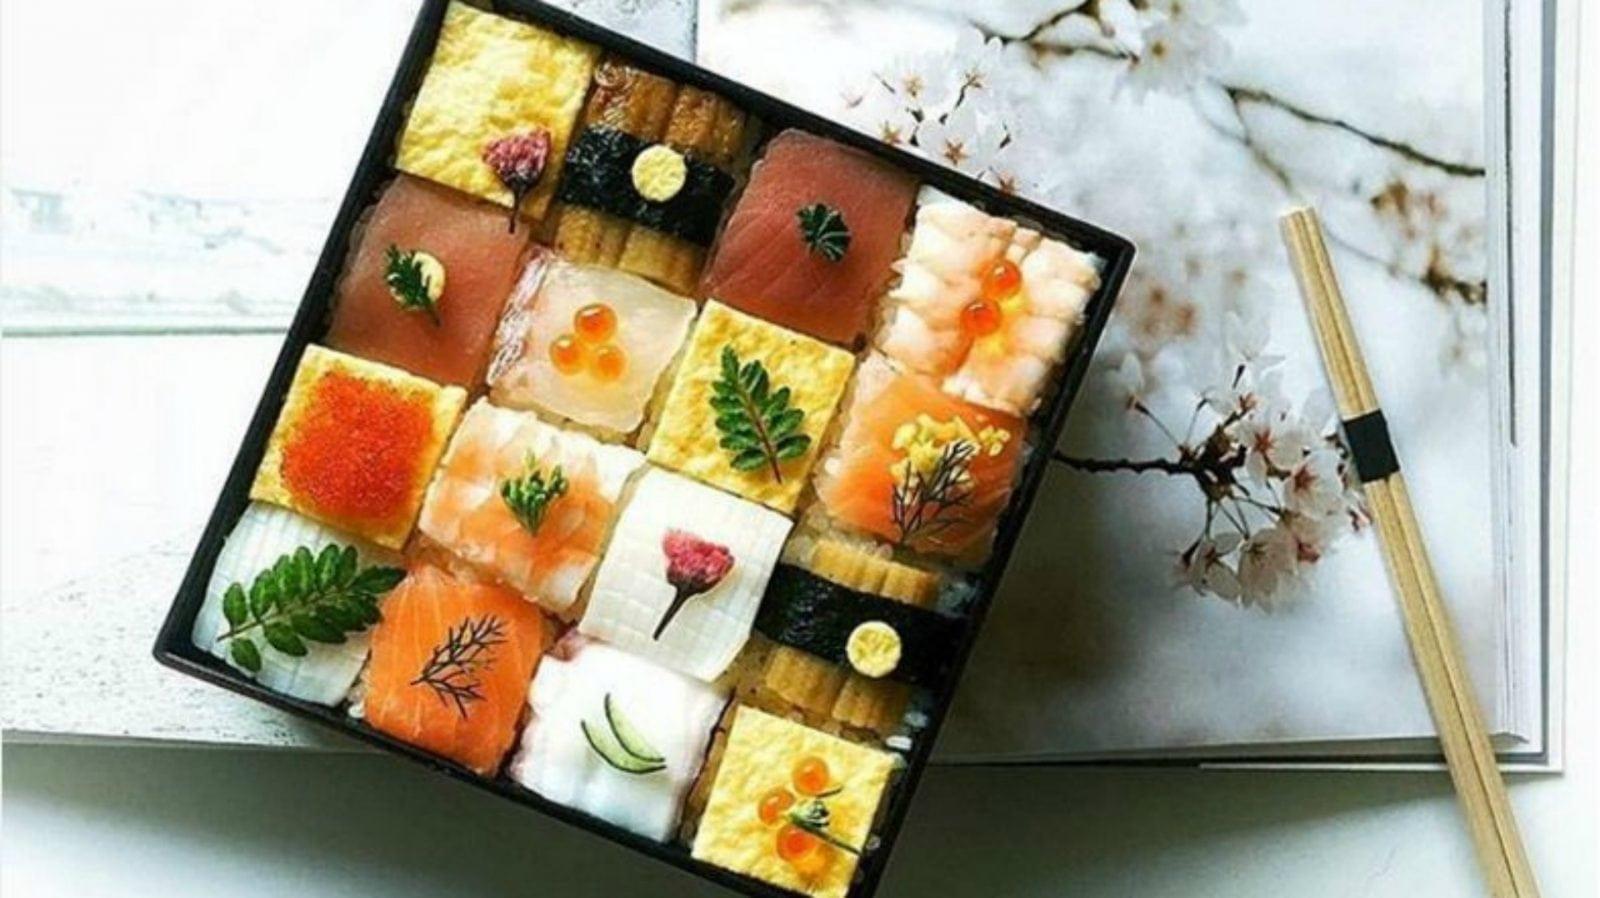 mosaic sushi - Un nou trend în gastronomie: Mosaic Sushi